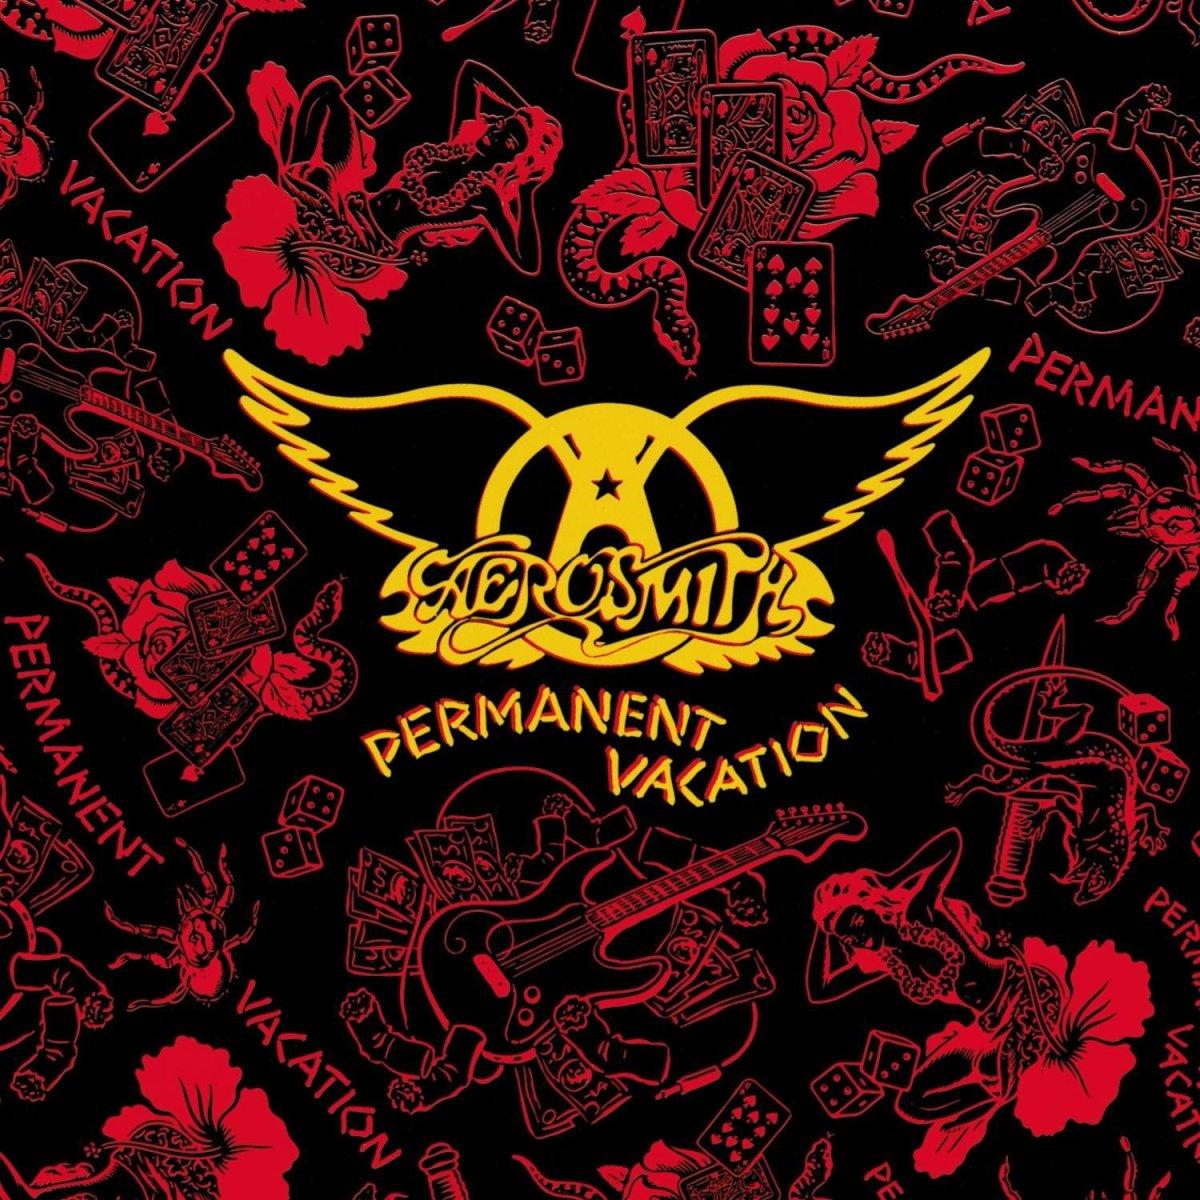 Aerosmith: Rag Doll